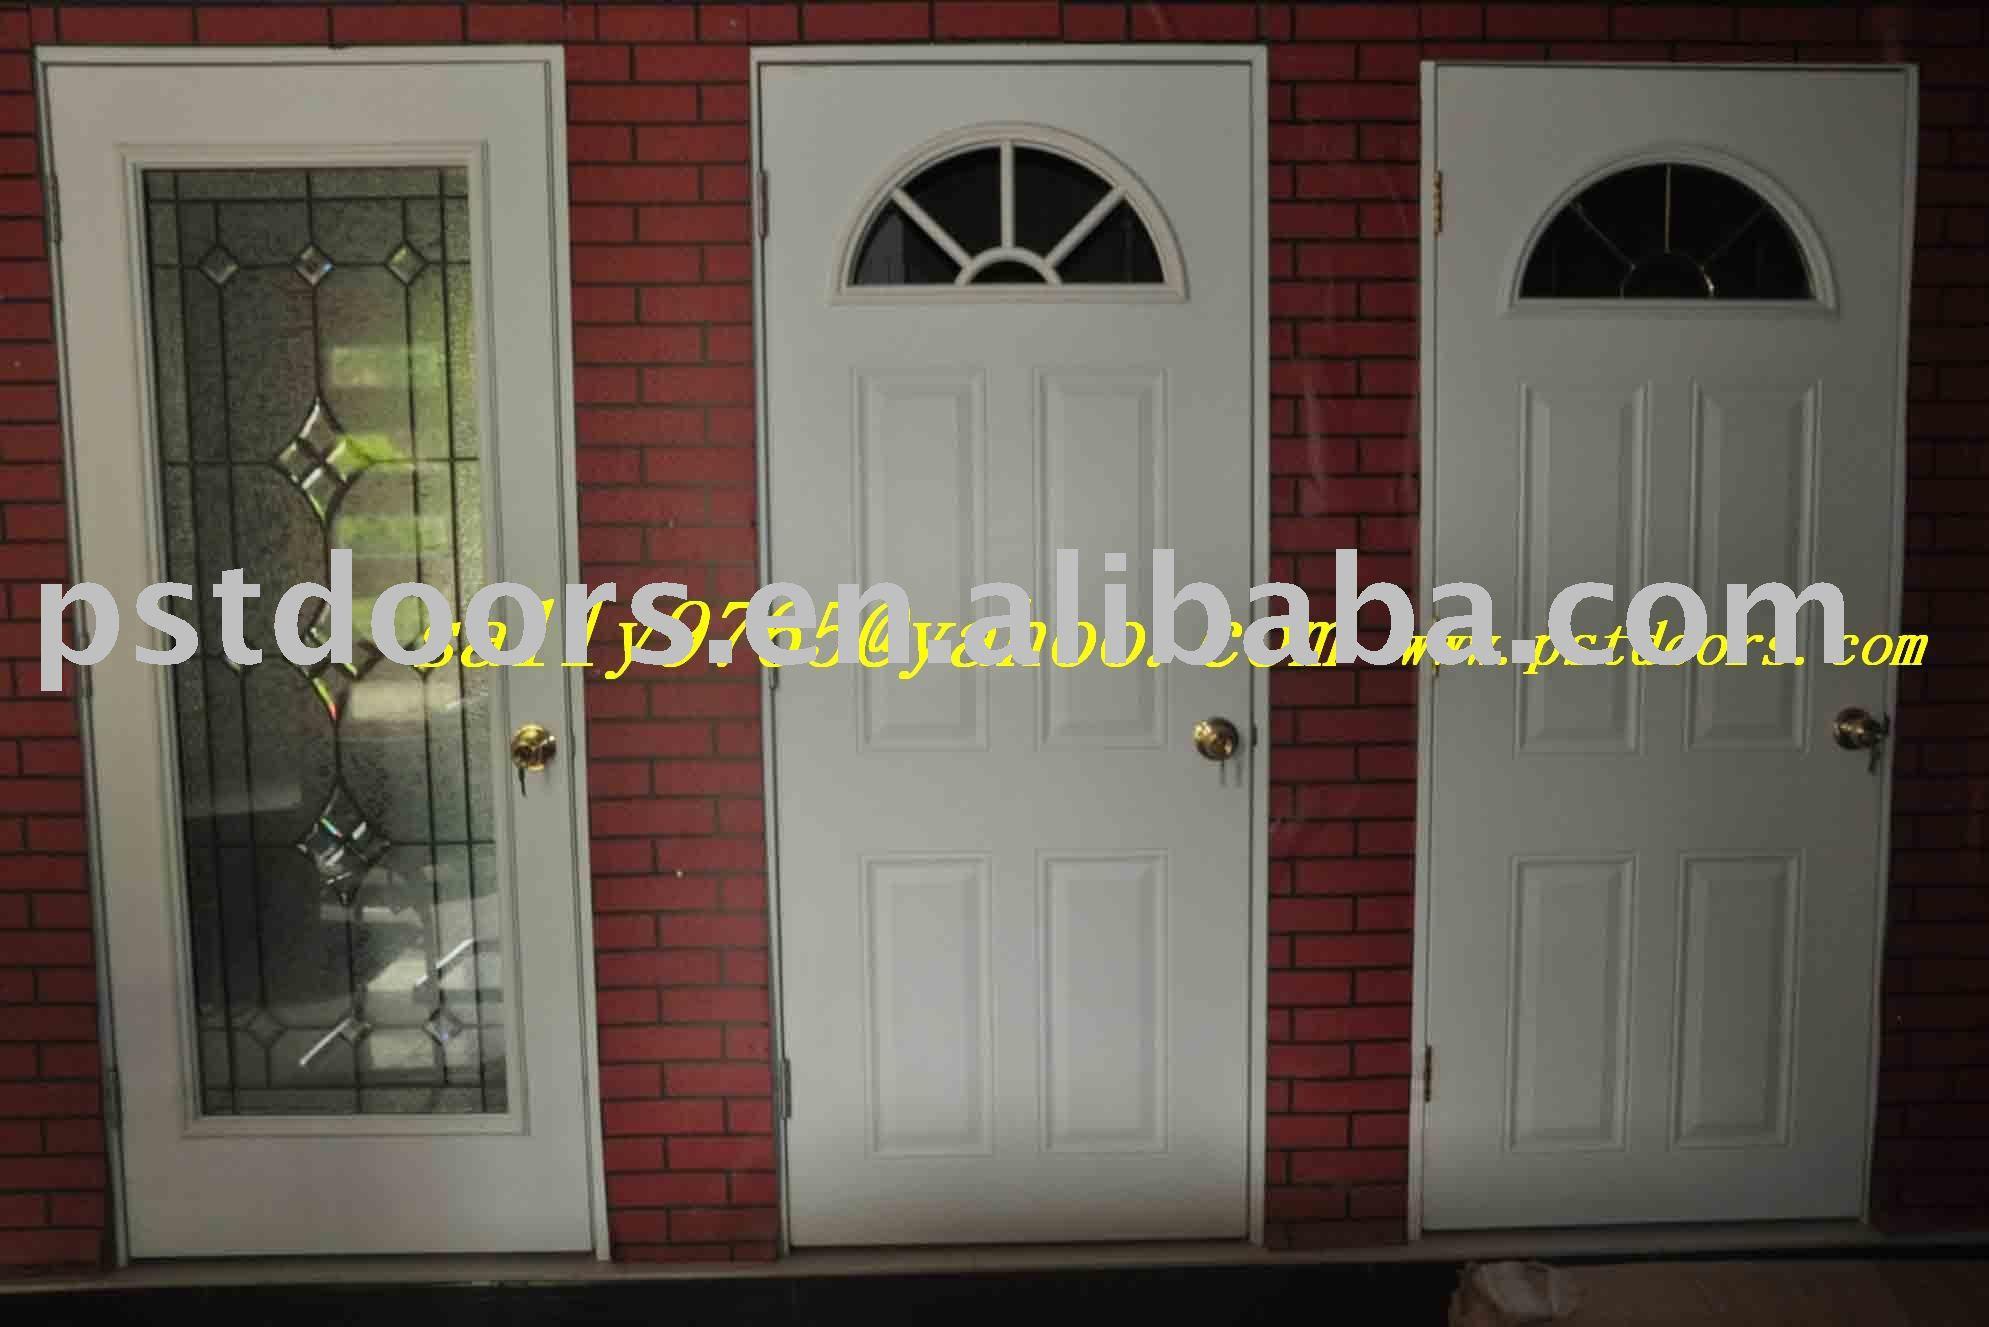 Media lite puertas de persiana de cristal puerta de metal for Puertas de metal con vidrio